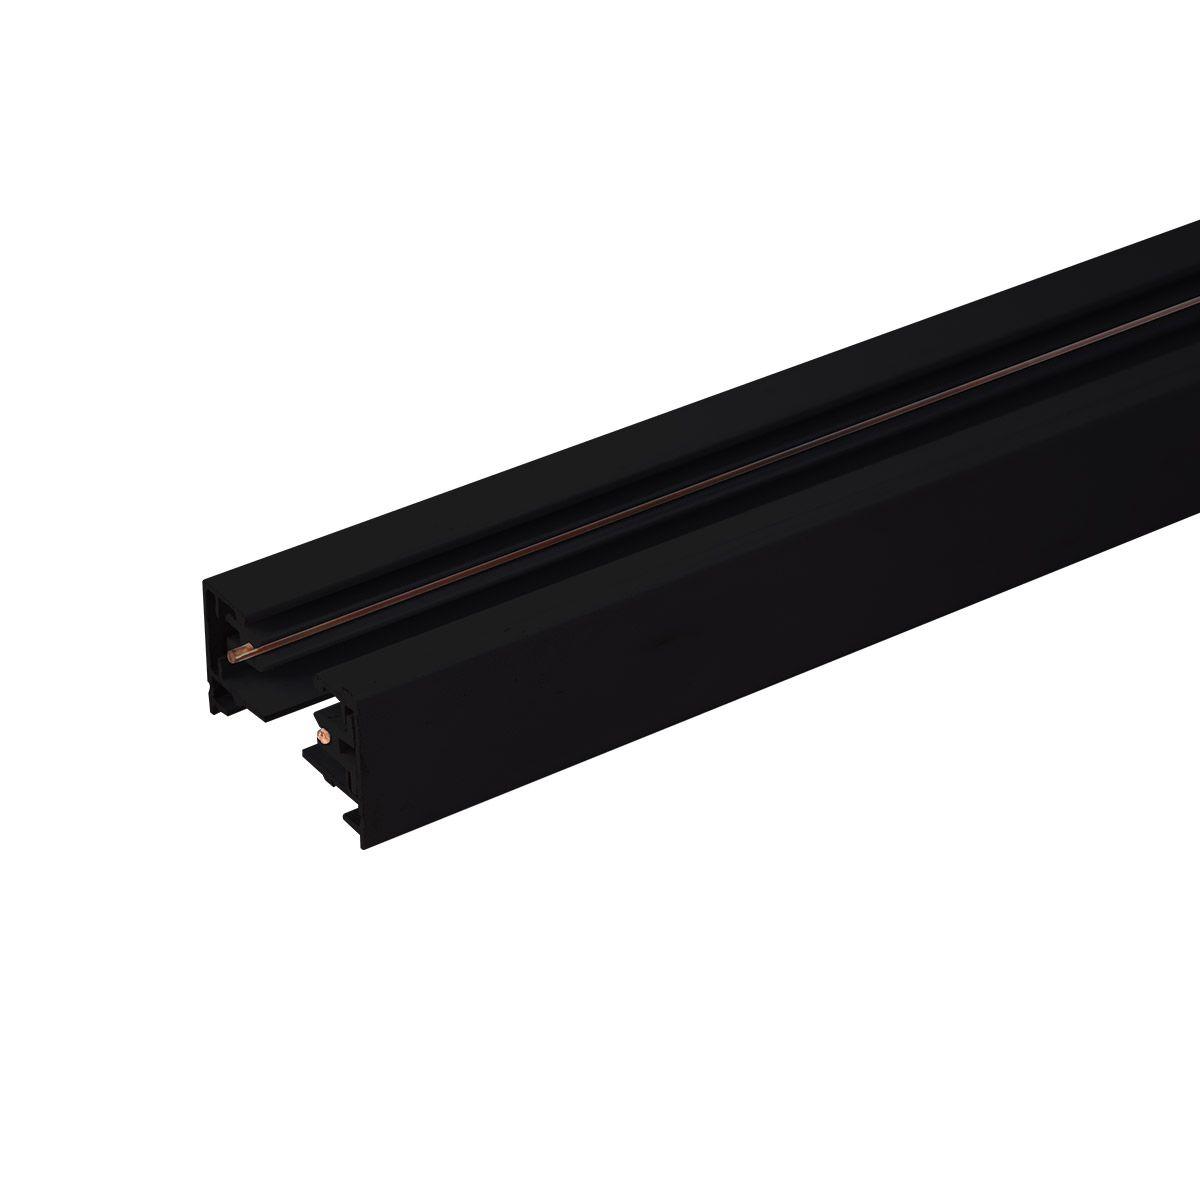 Однофазный шинопровод 1 метр черный (с вводом питания и заглушкой) TRL-1-1-100-BK